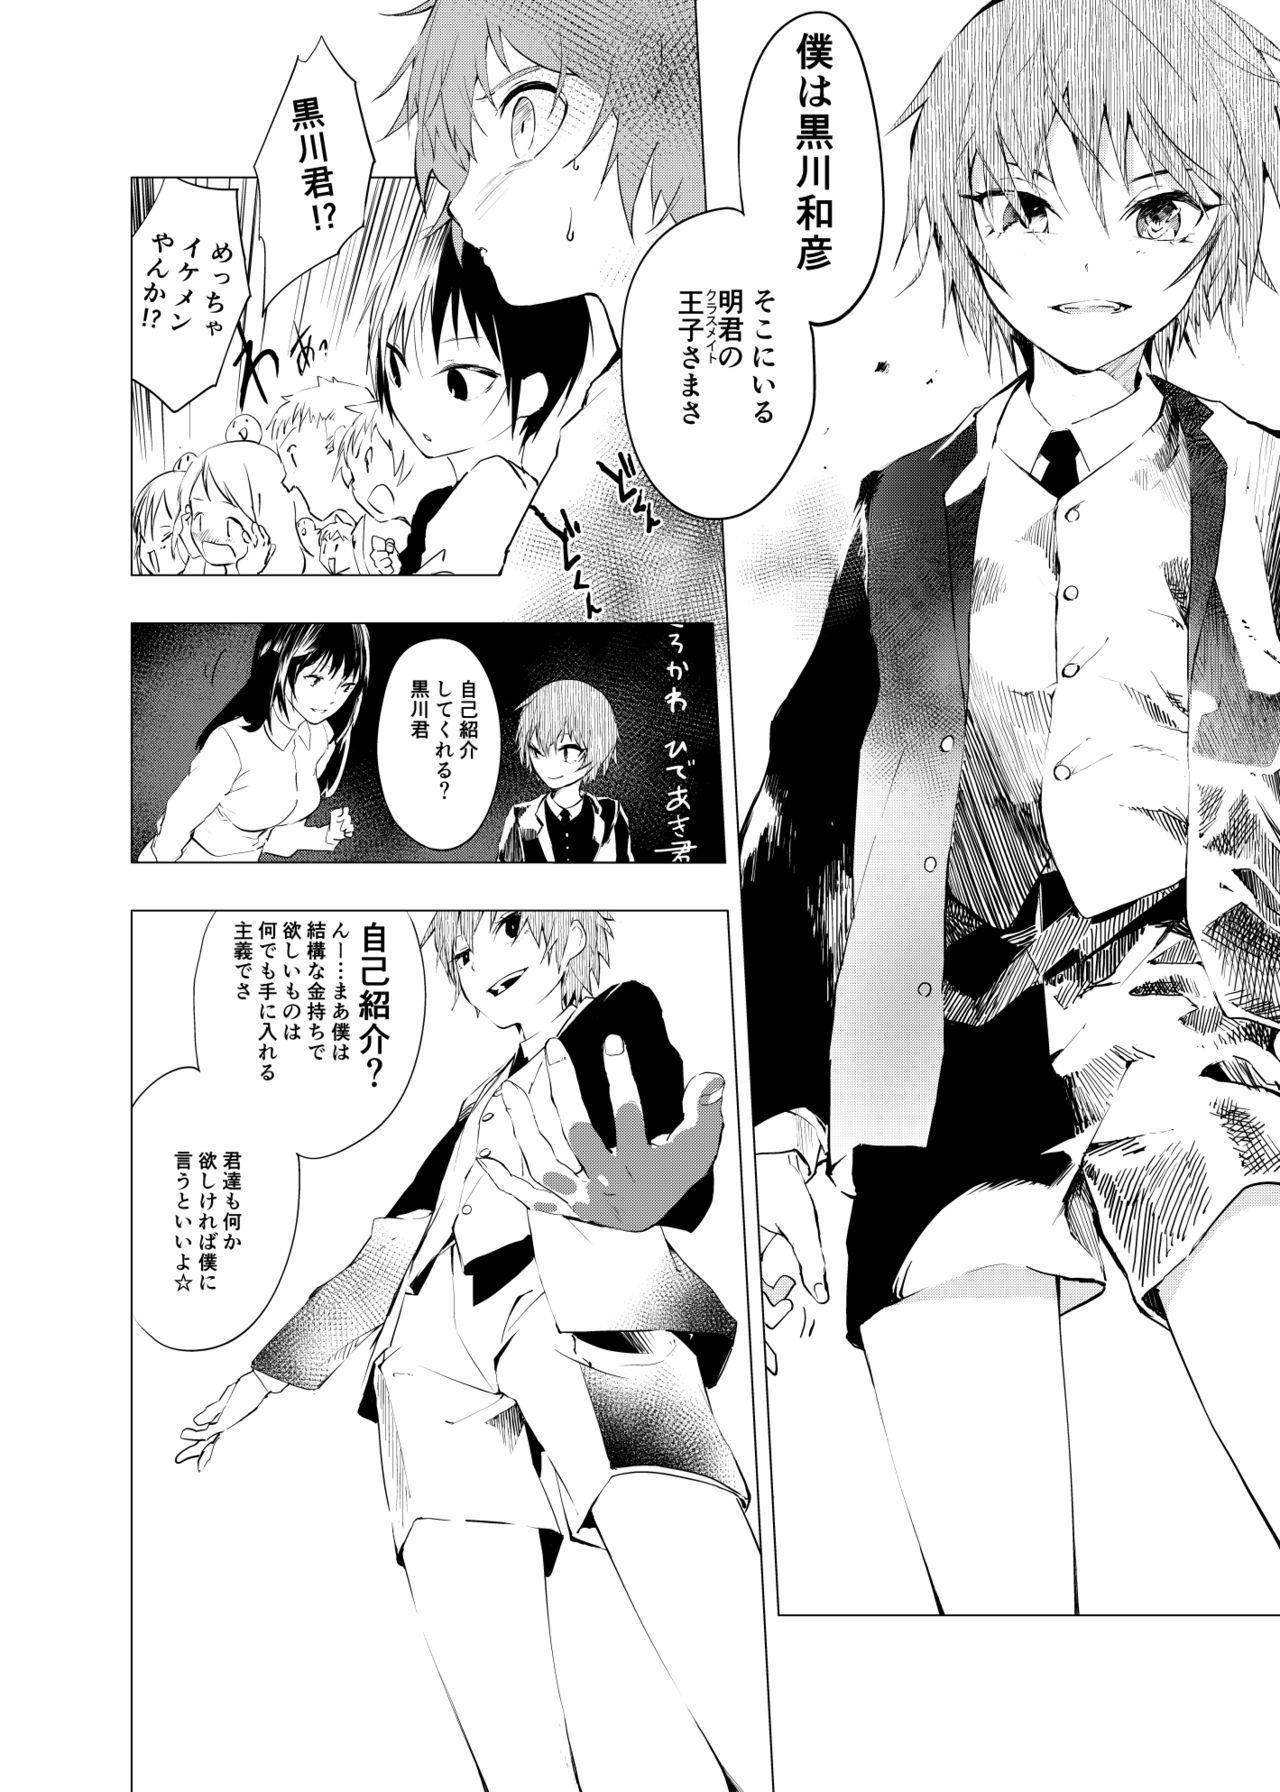 Inaka no Uke Shounen to Tokai no Seme Shounen no Ero Manga 1-6 84